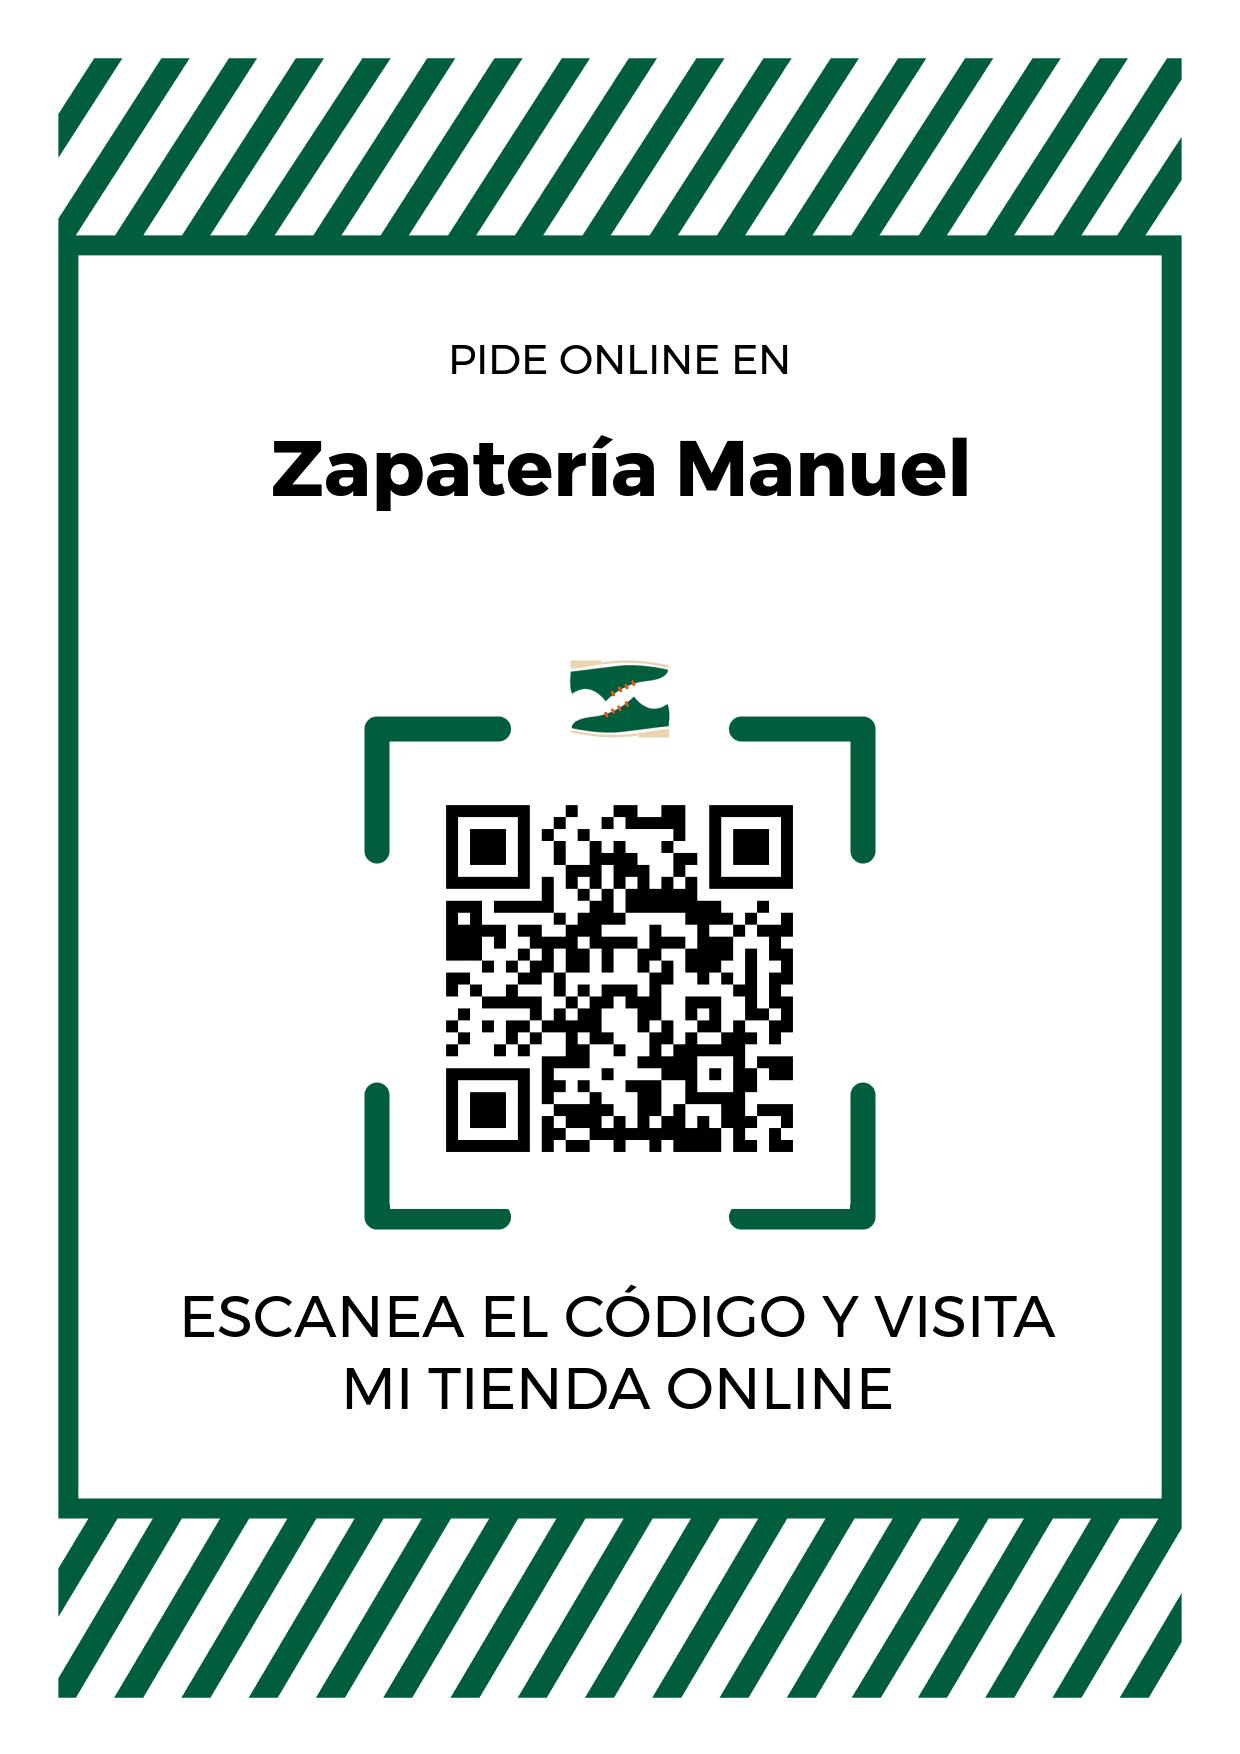 Cartel Póster de Código QR para tienda de Zapatería